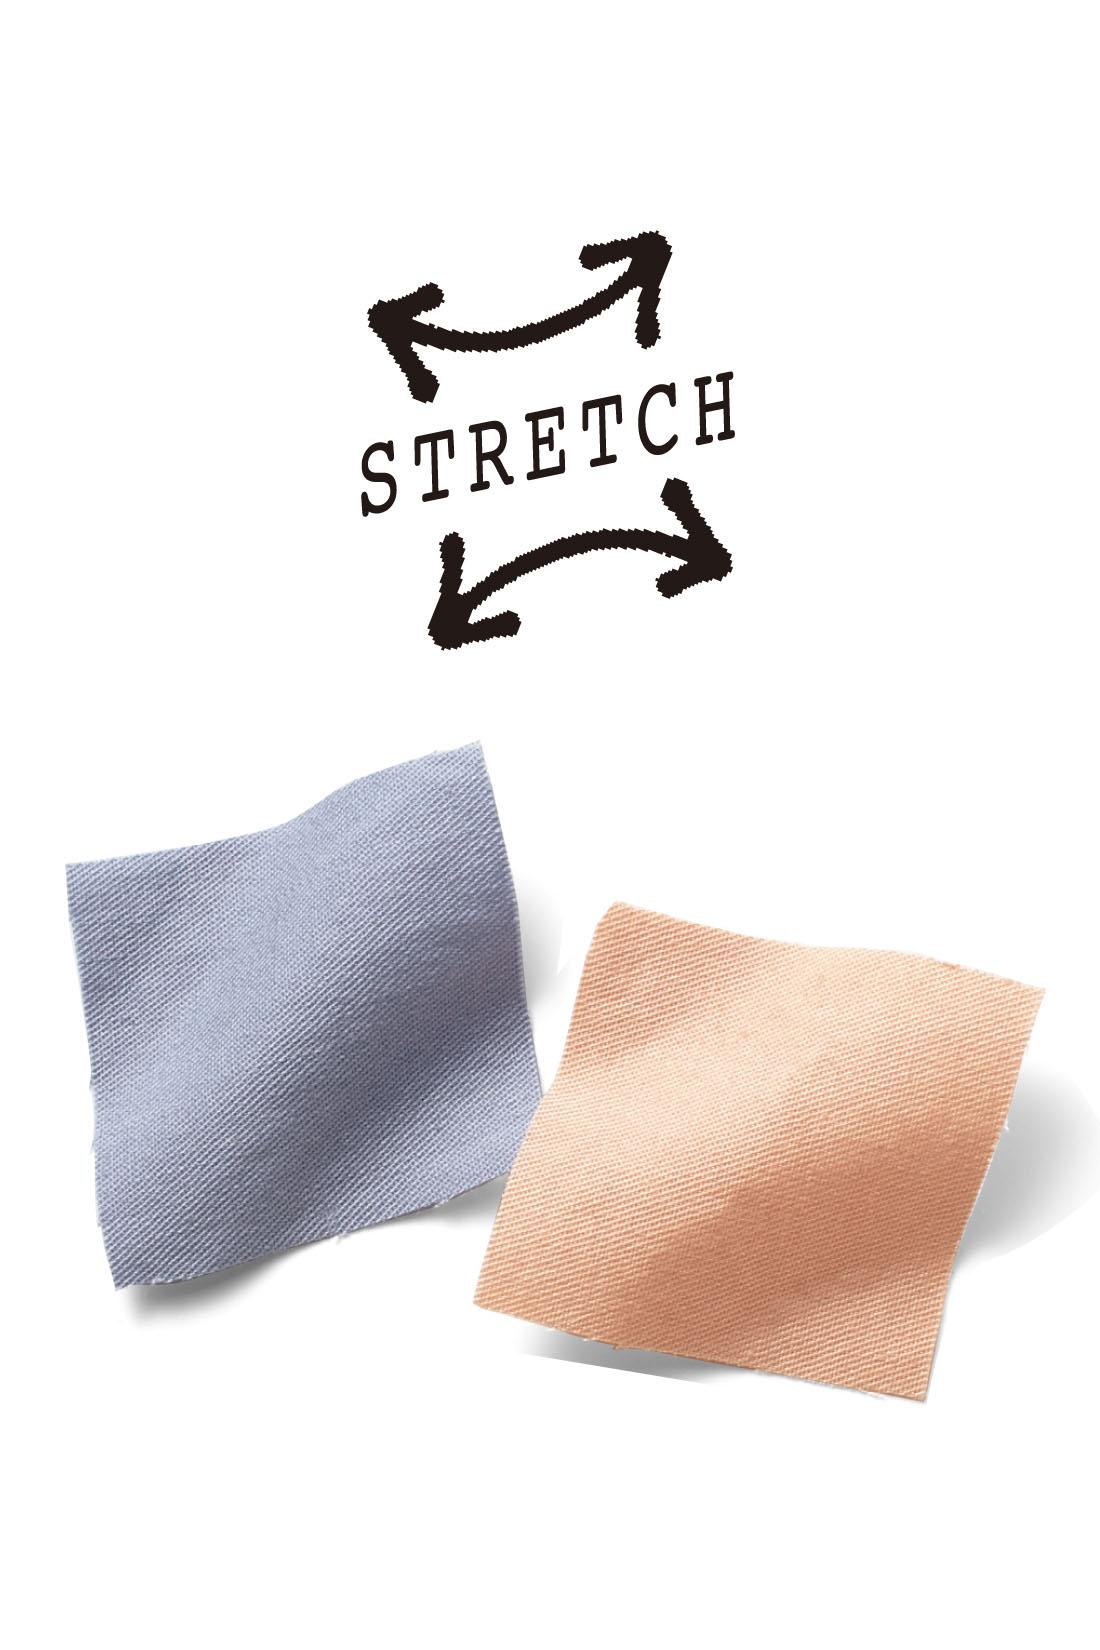 軽さも伸びやかさも抜群の綿混のストレッチ素材。定番トップスと合わせるだけで華やぐ彩りです。 ※お届けするカラーとは異なります。